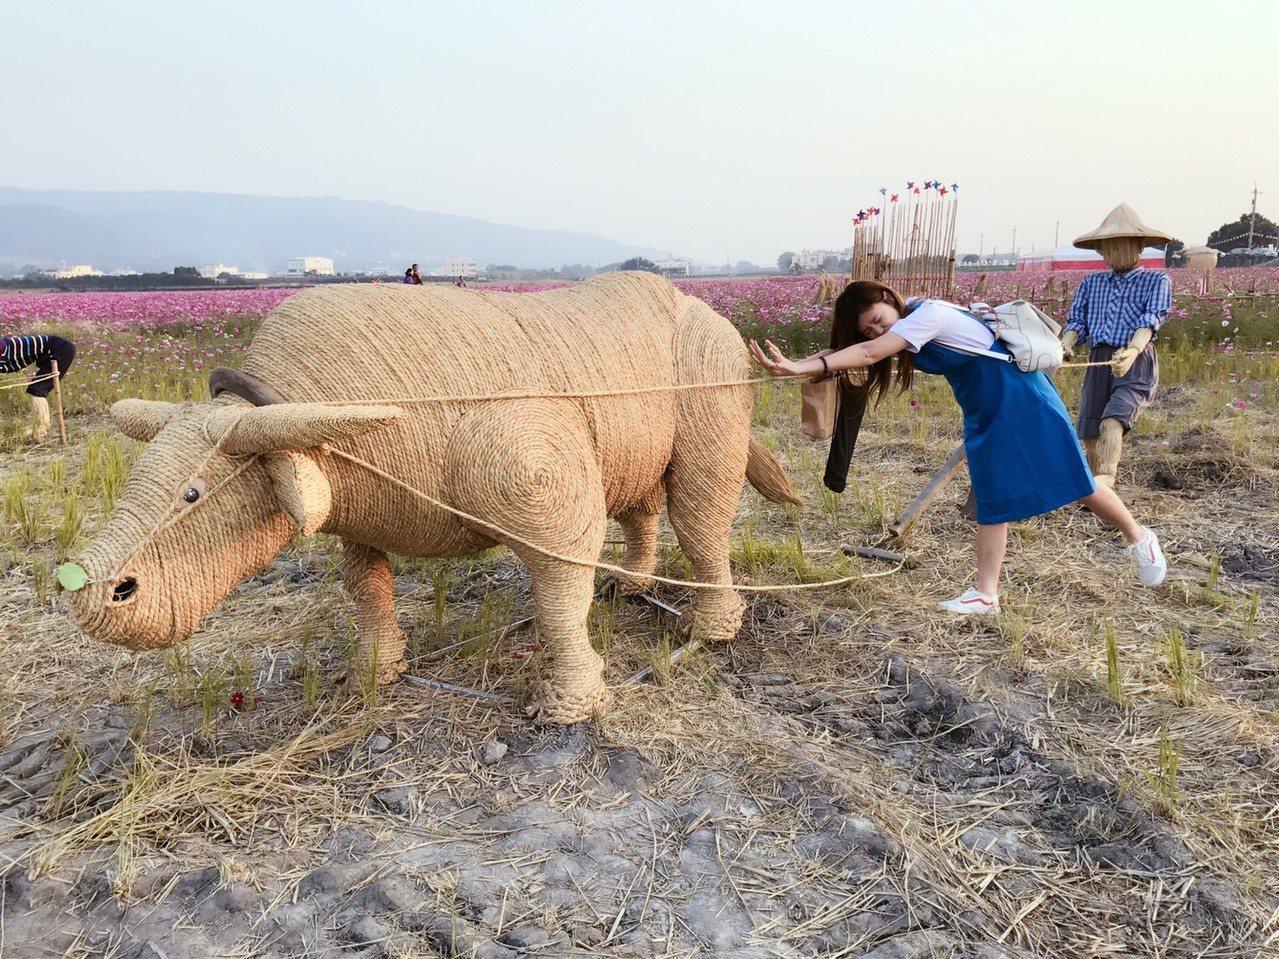 田中鎮稻草人藝術節登場,不過一大片美麗的波斯菊花海,和可愛的熊熊稻草人吸引許多民...